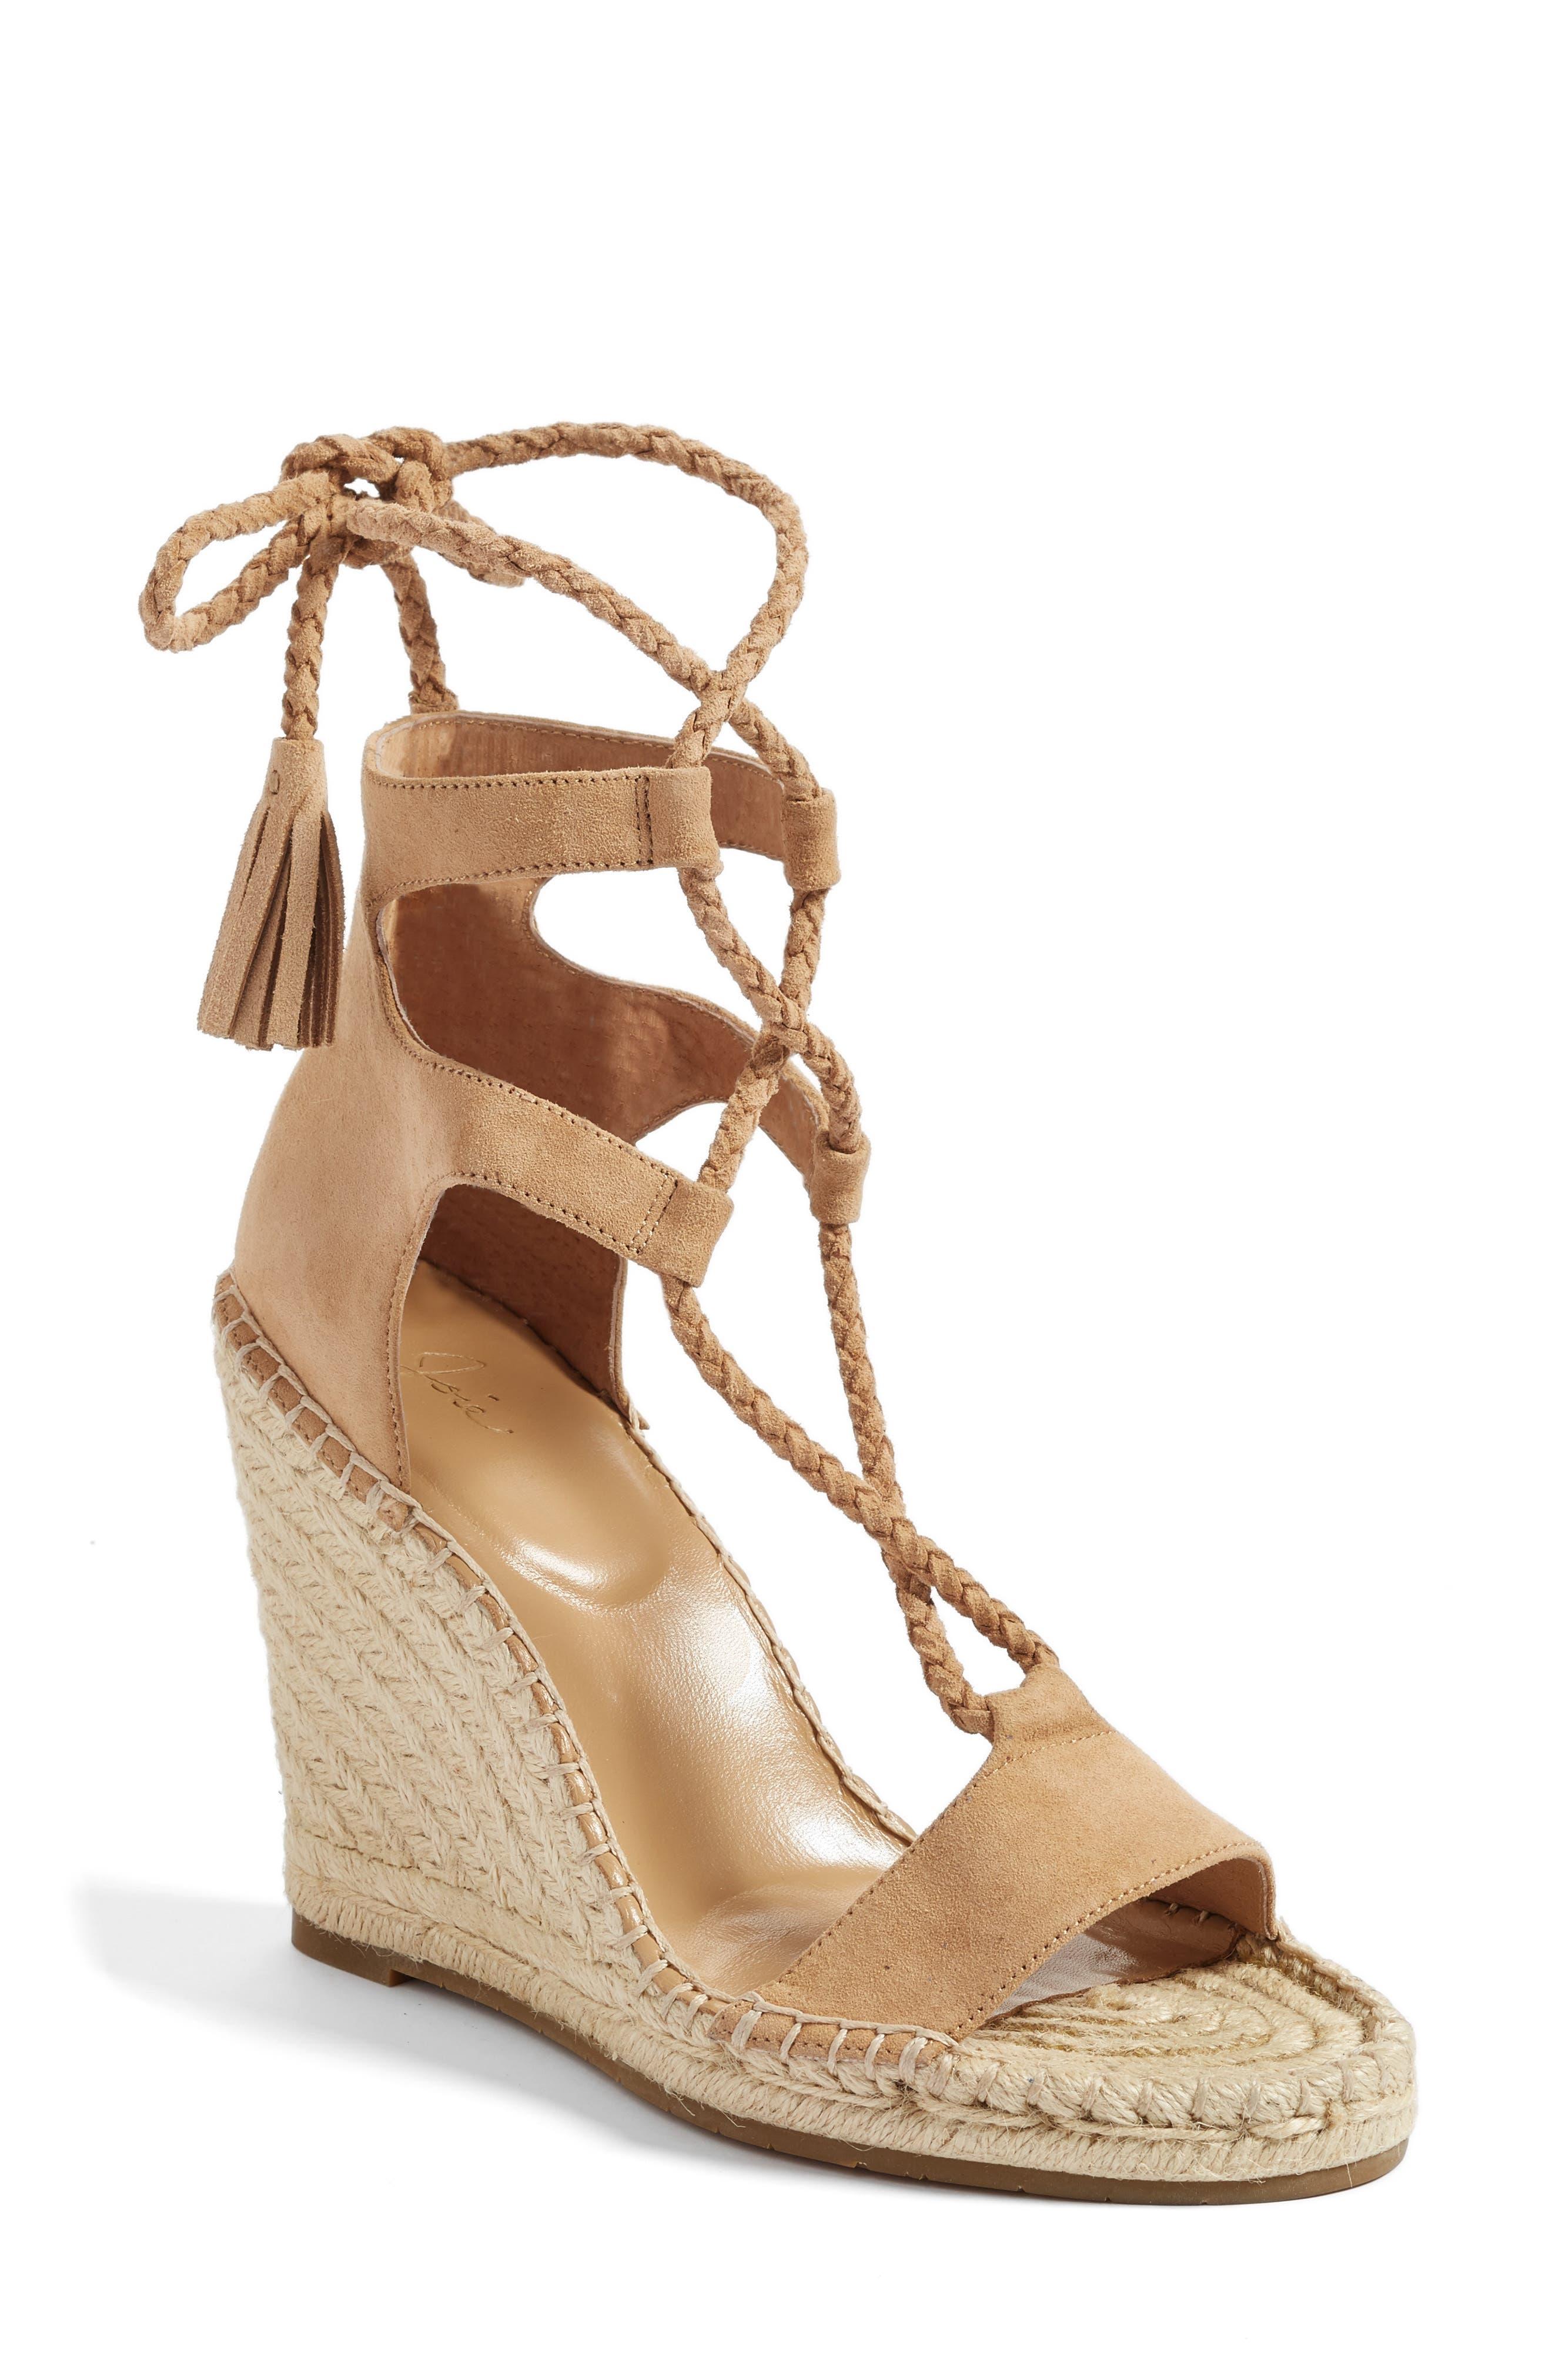 Alternate Image 1 Selected - Joie Delilah Espadrille Wedge Sandal (Women)